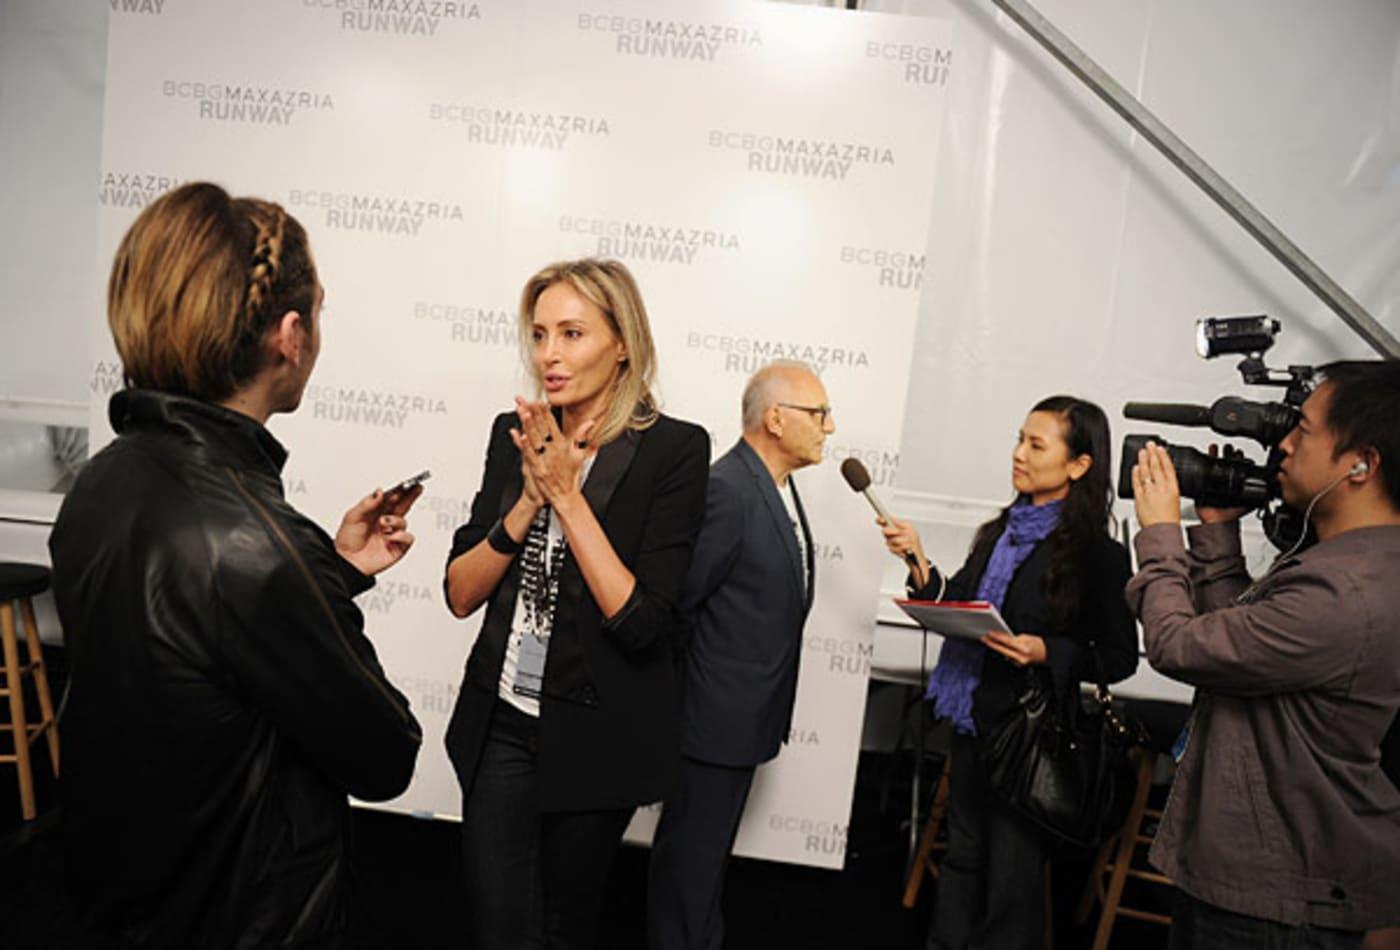 CNBC_NYC_fashion_week_2011_horiz2.jpg